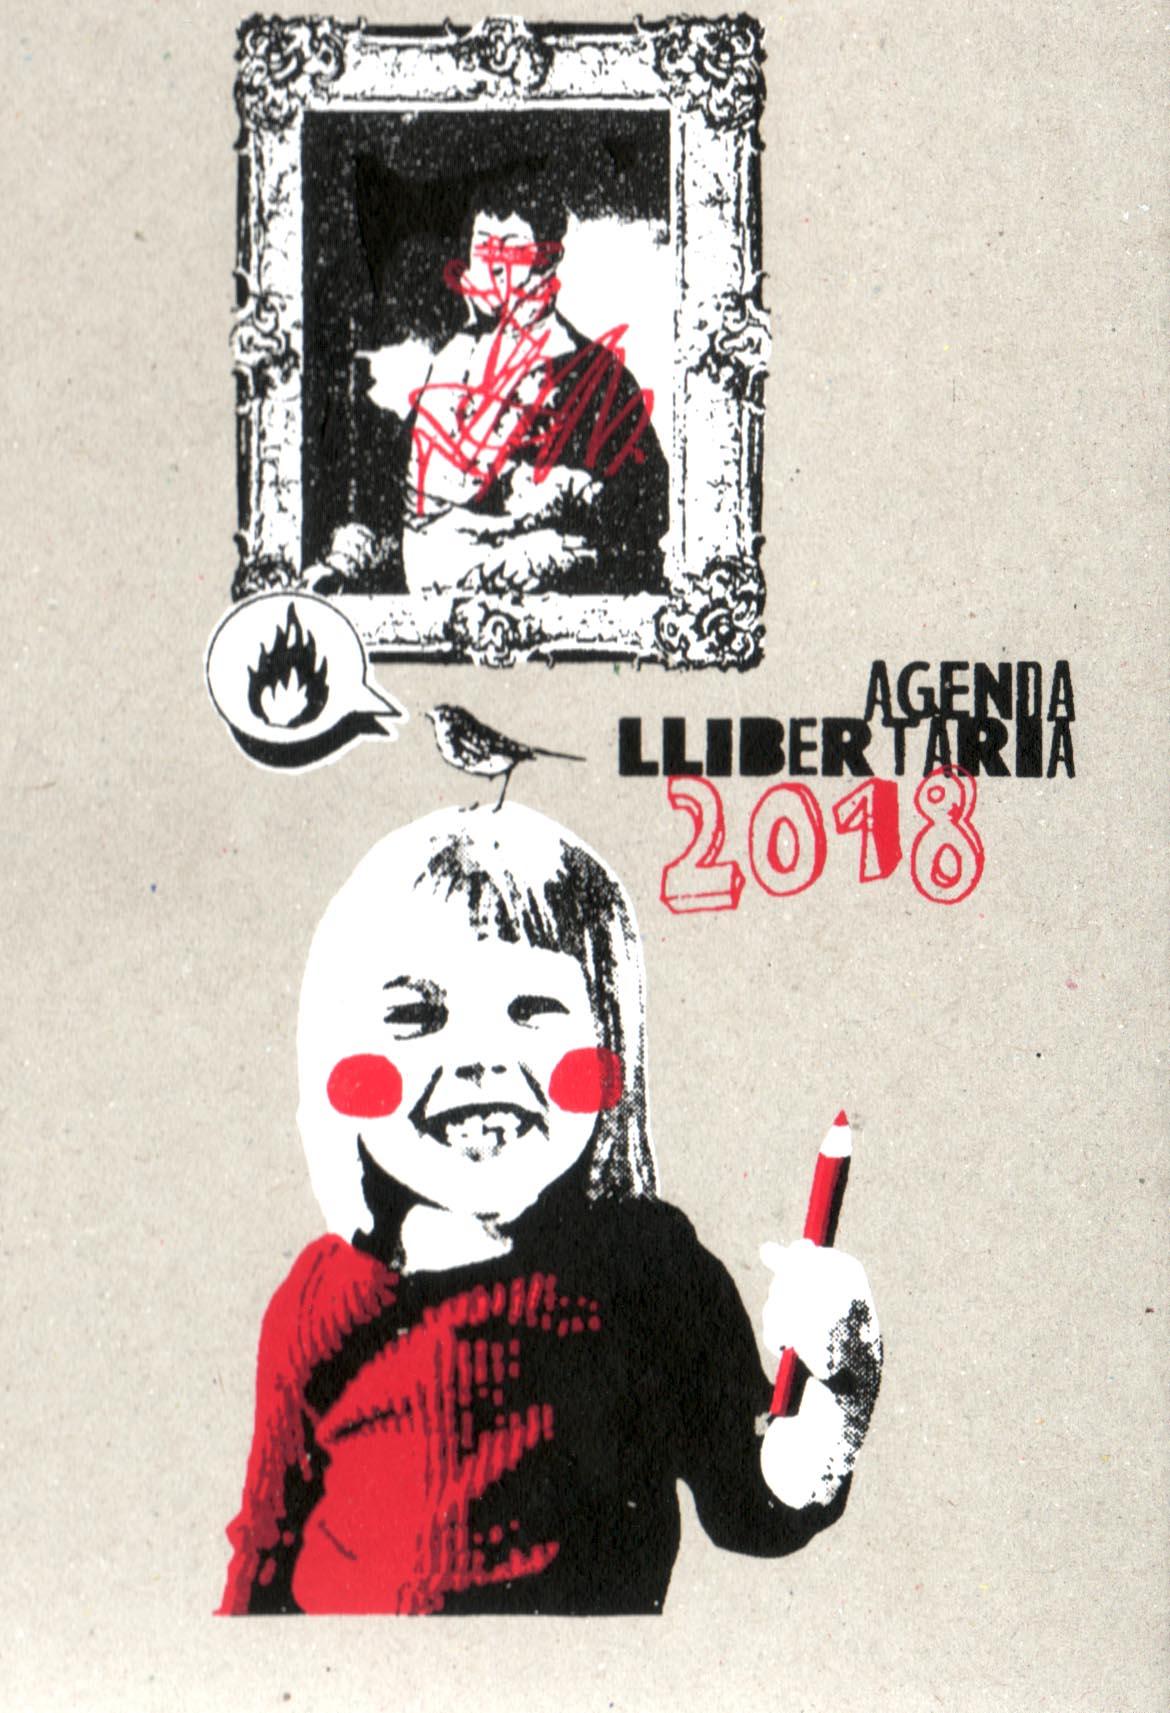 agenda-llibertaria-2018-